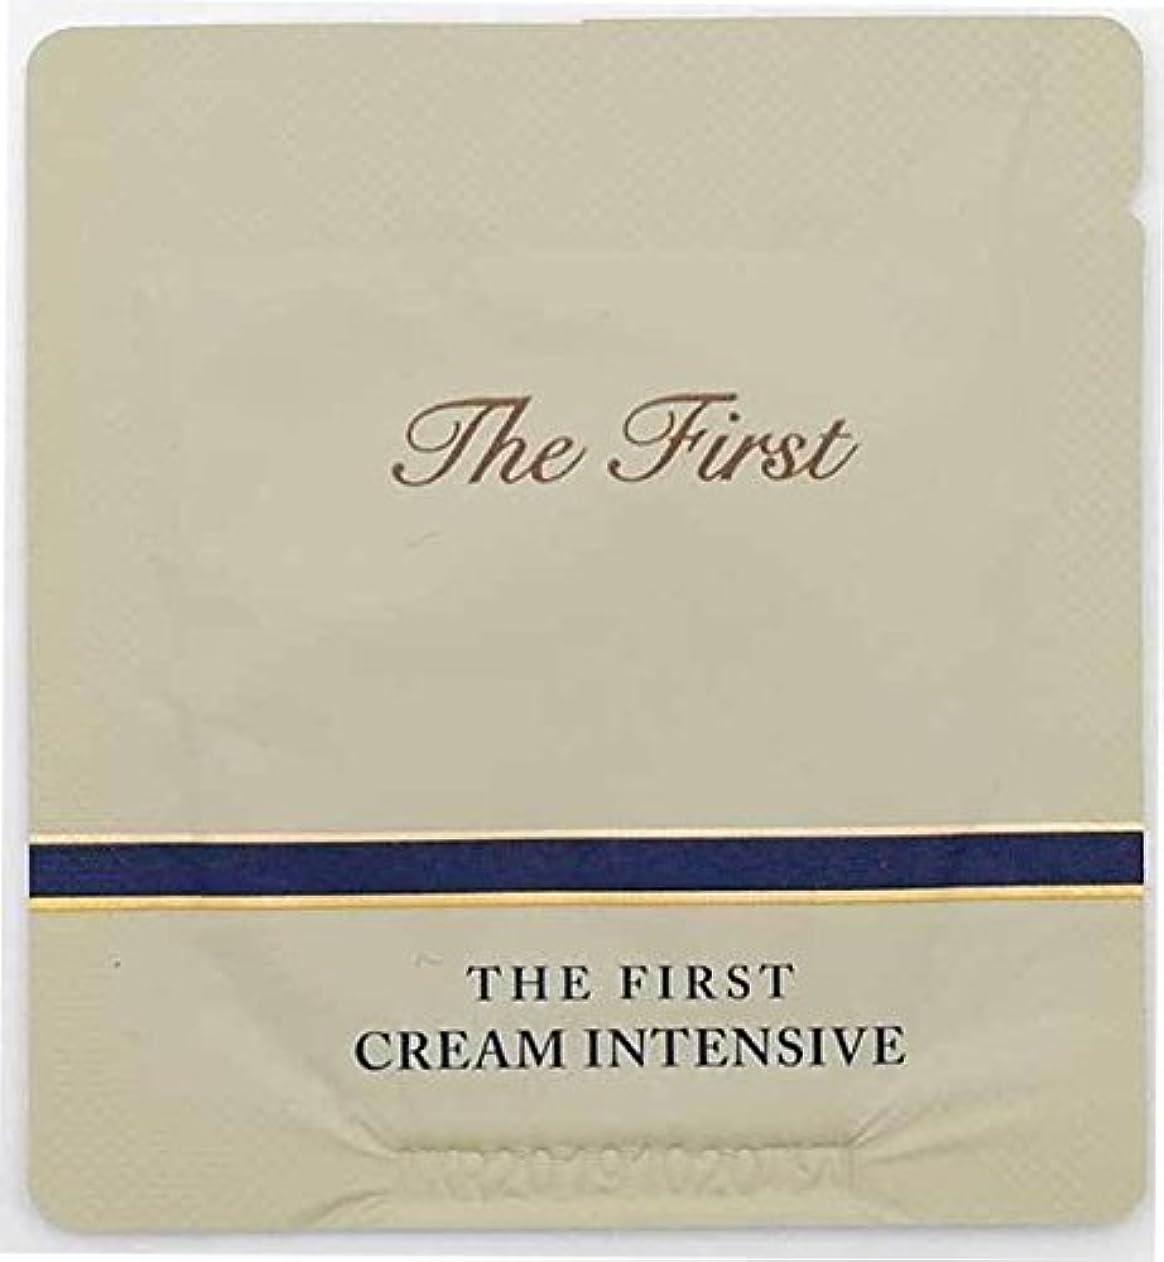 拒絶チケット自動[サンプル] OHUI The First Cream intensive 1ml × 30ea/オフィ ザ ファースト クリーム インテンシブ 1ml × 30個